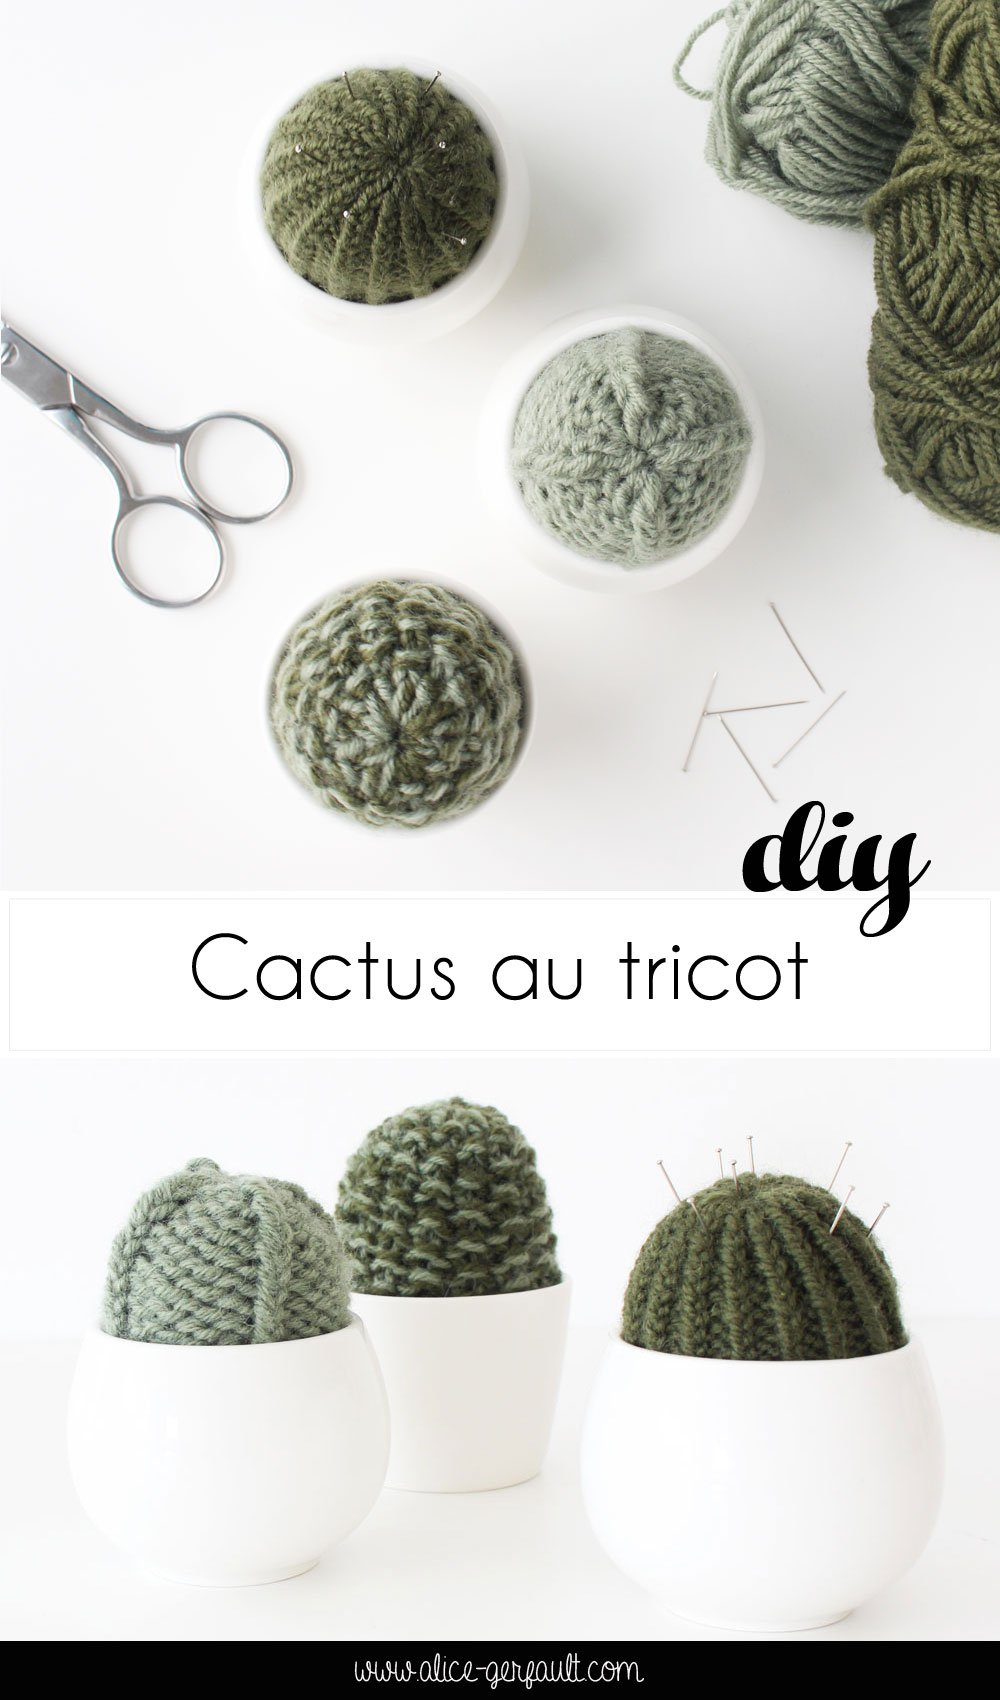 Tuto Cactus au tricot, un pique-épingle déco, DIY par Alice Gerfault